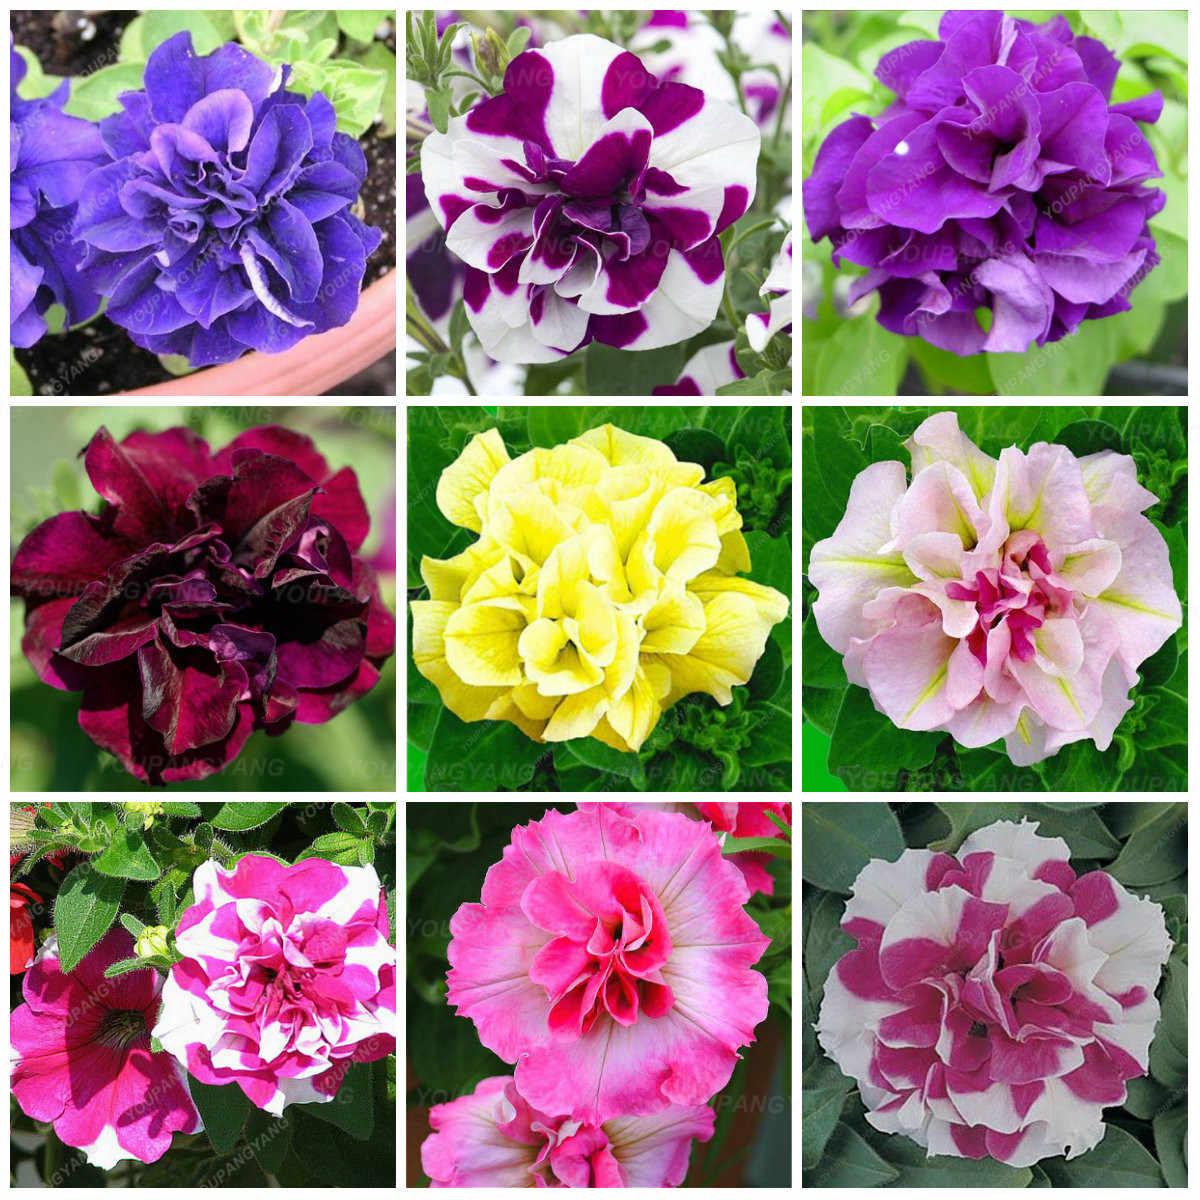 50 قطعة/الحزمة ، مزيج حديقة بتونيا الريشة زهرة القرن بونساي نبات زهرة للمنزل و حديقة